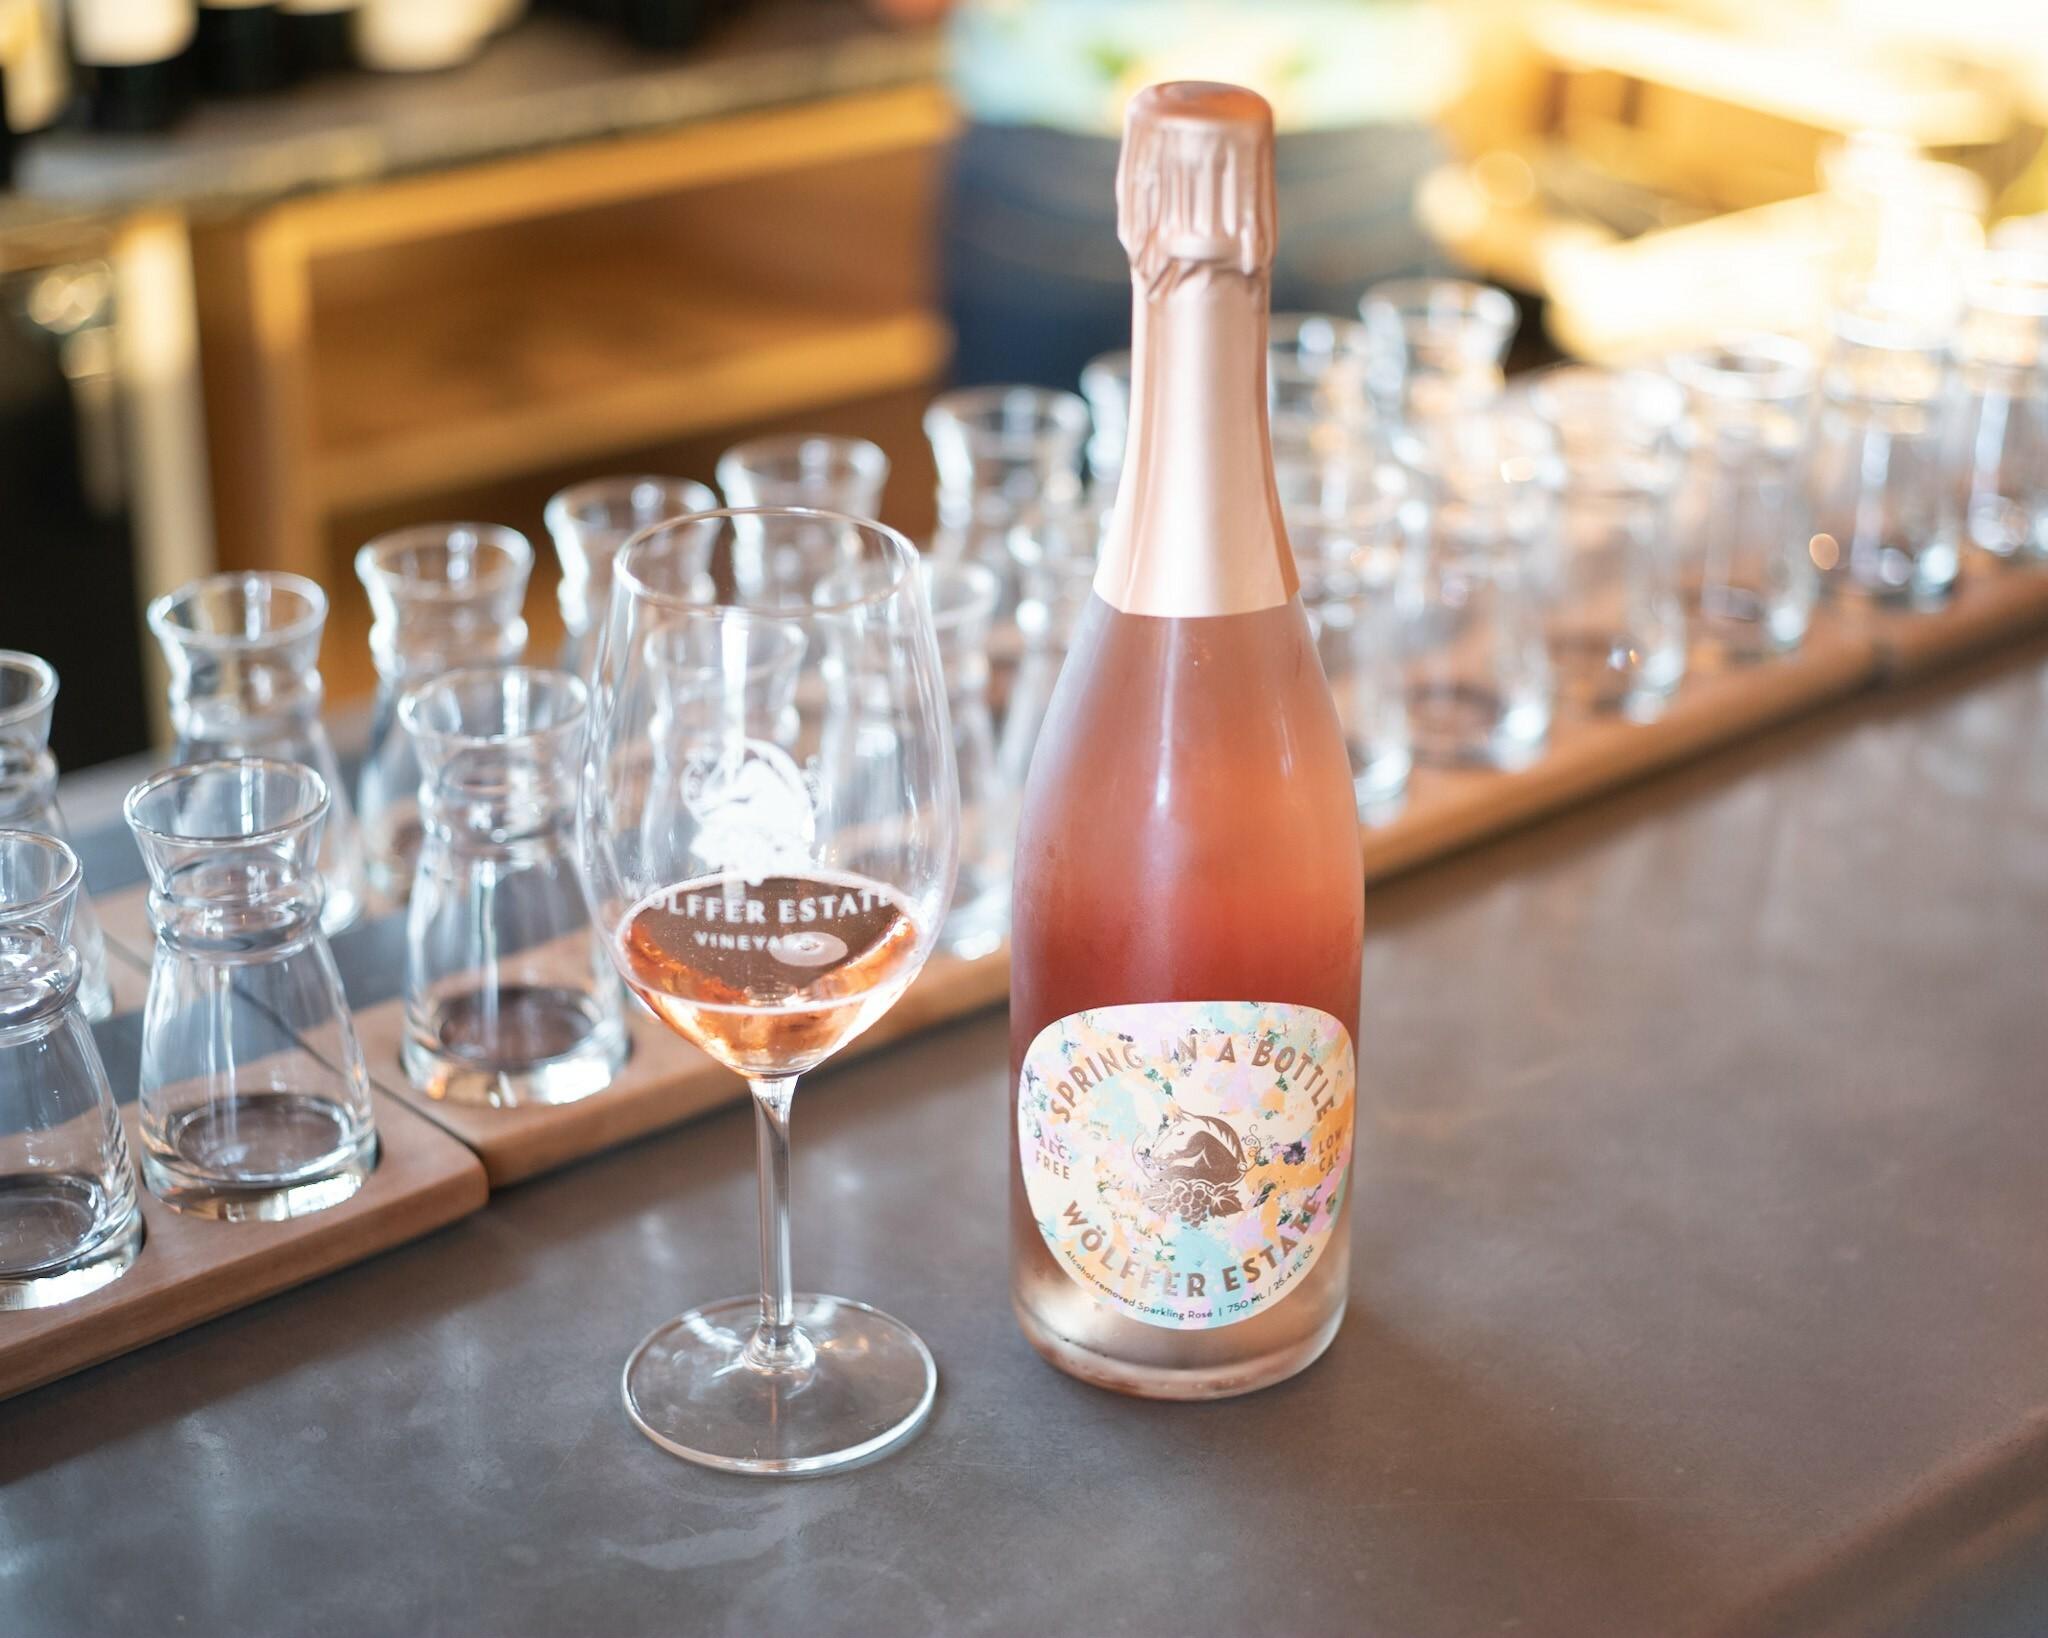 Spring in a Bottle at Wölffer Estate Vineyard.